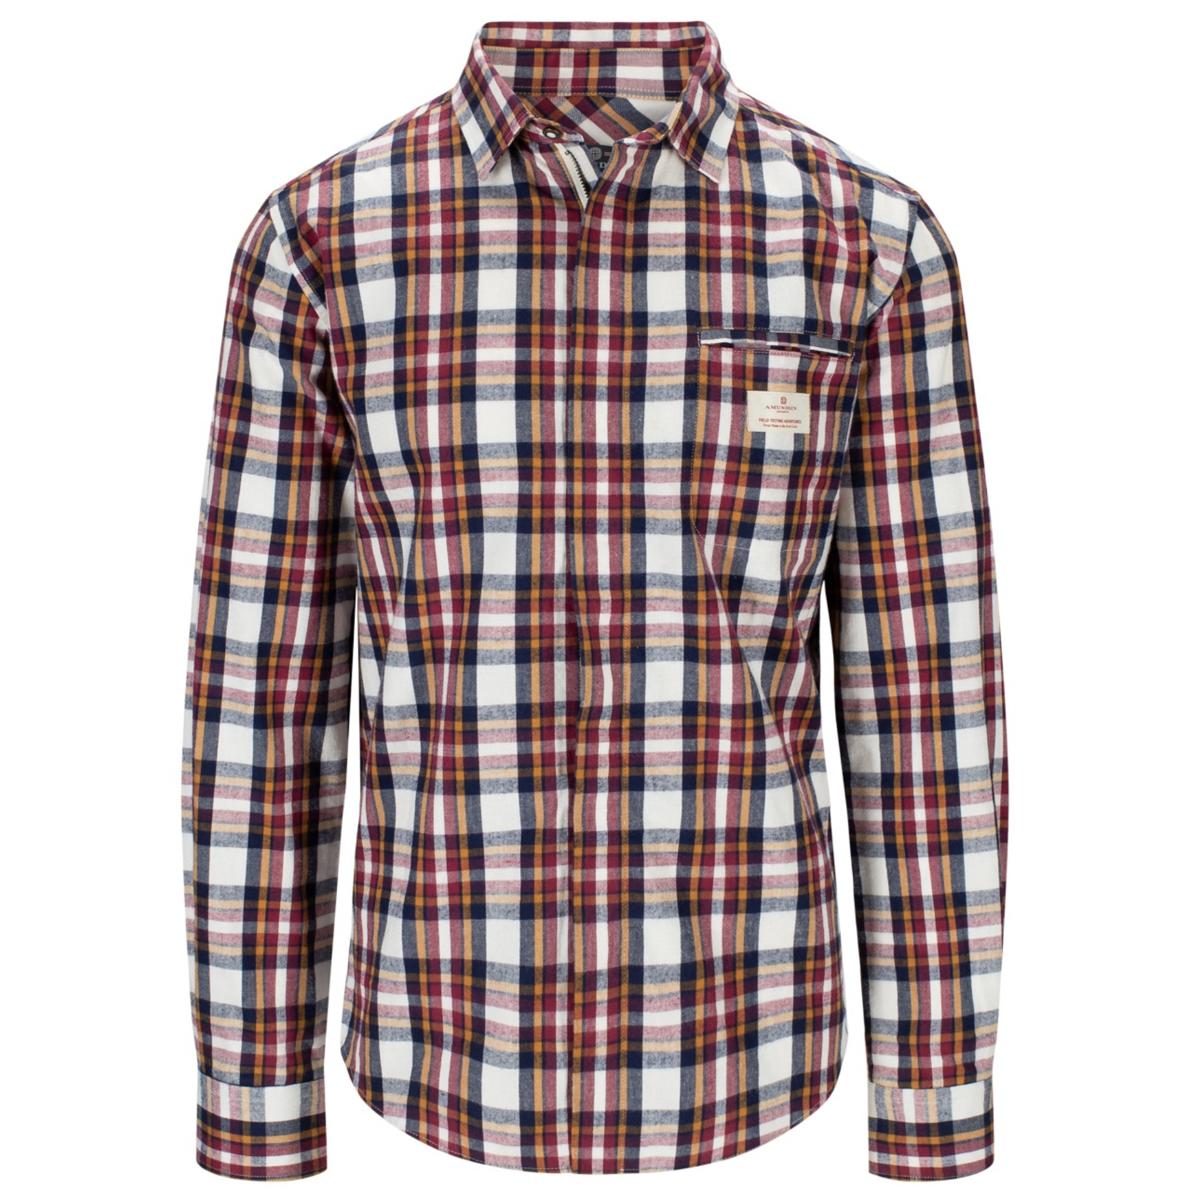 Bilde av AMUNDSEN Skauen Field Shirt Mens 001 Chrquered White